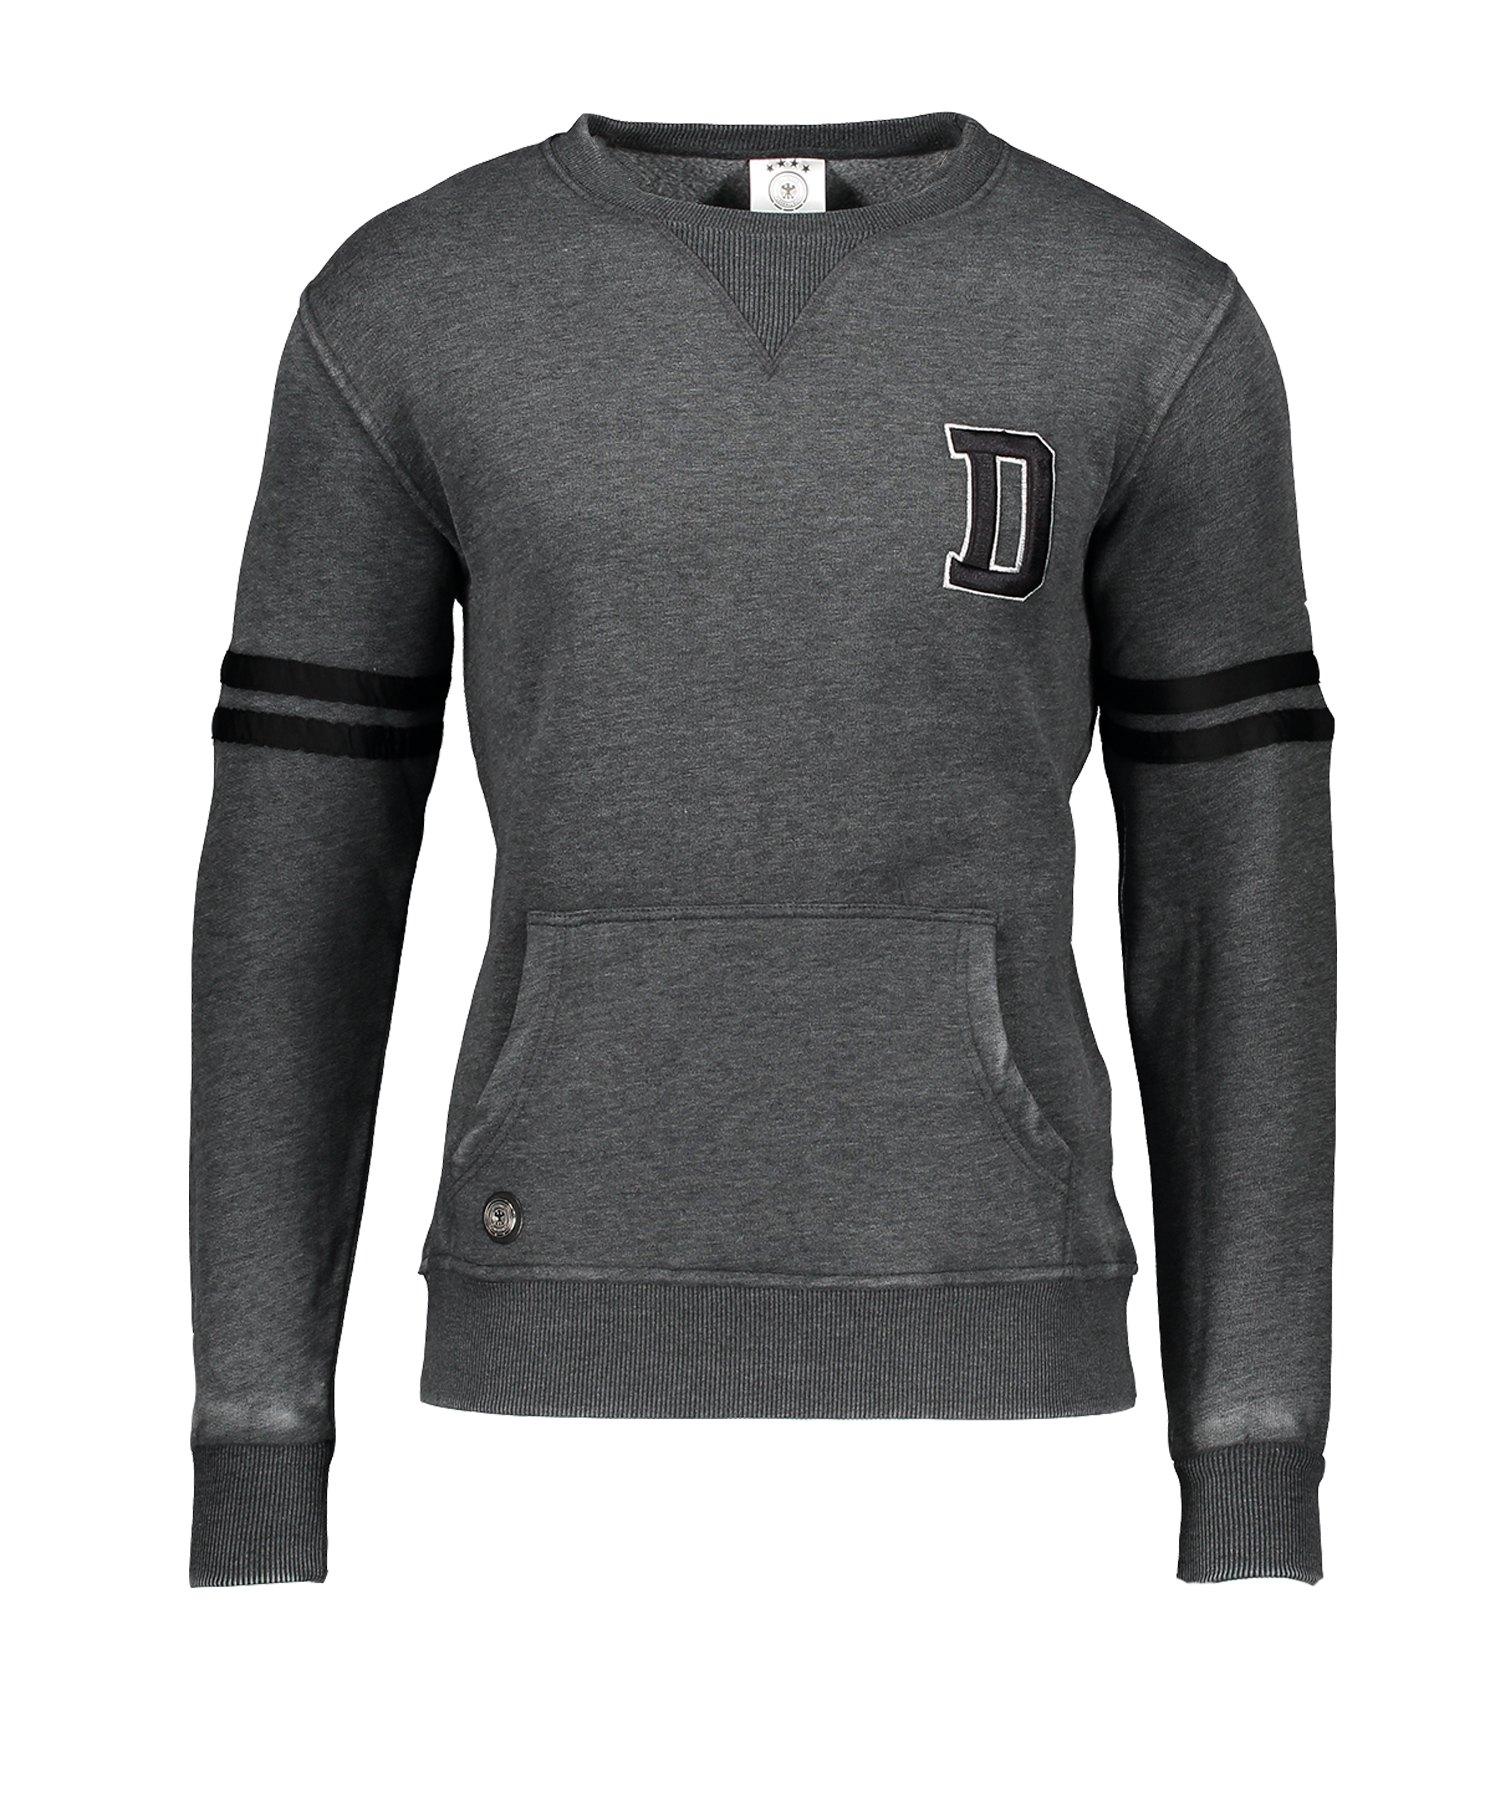 DFB Deutschland Urban Sweatshirt Grau - Grau